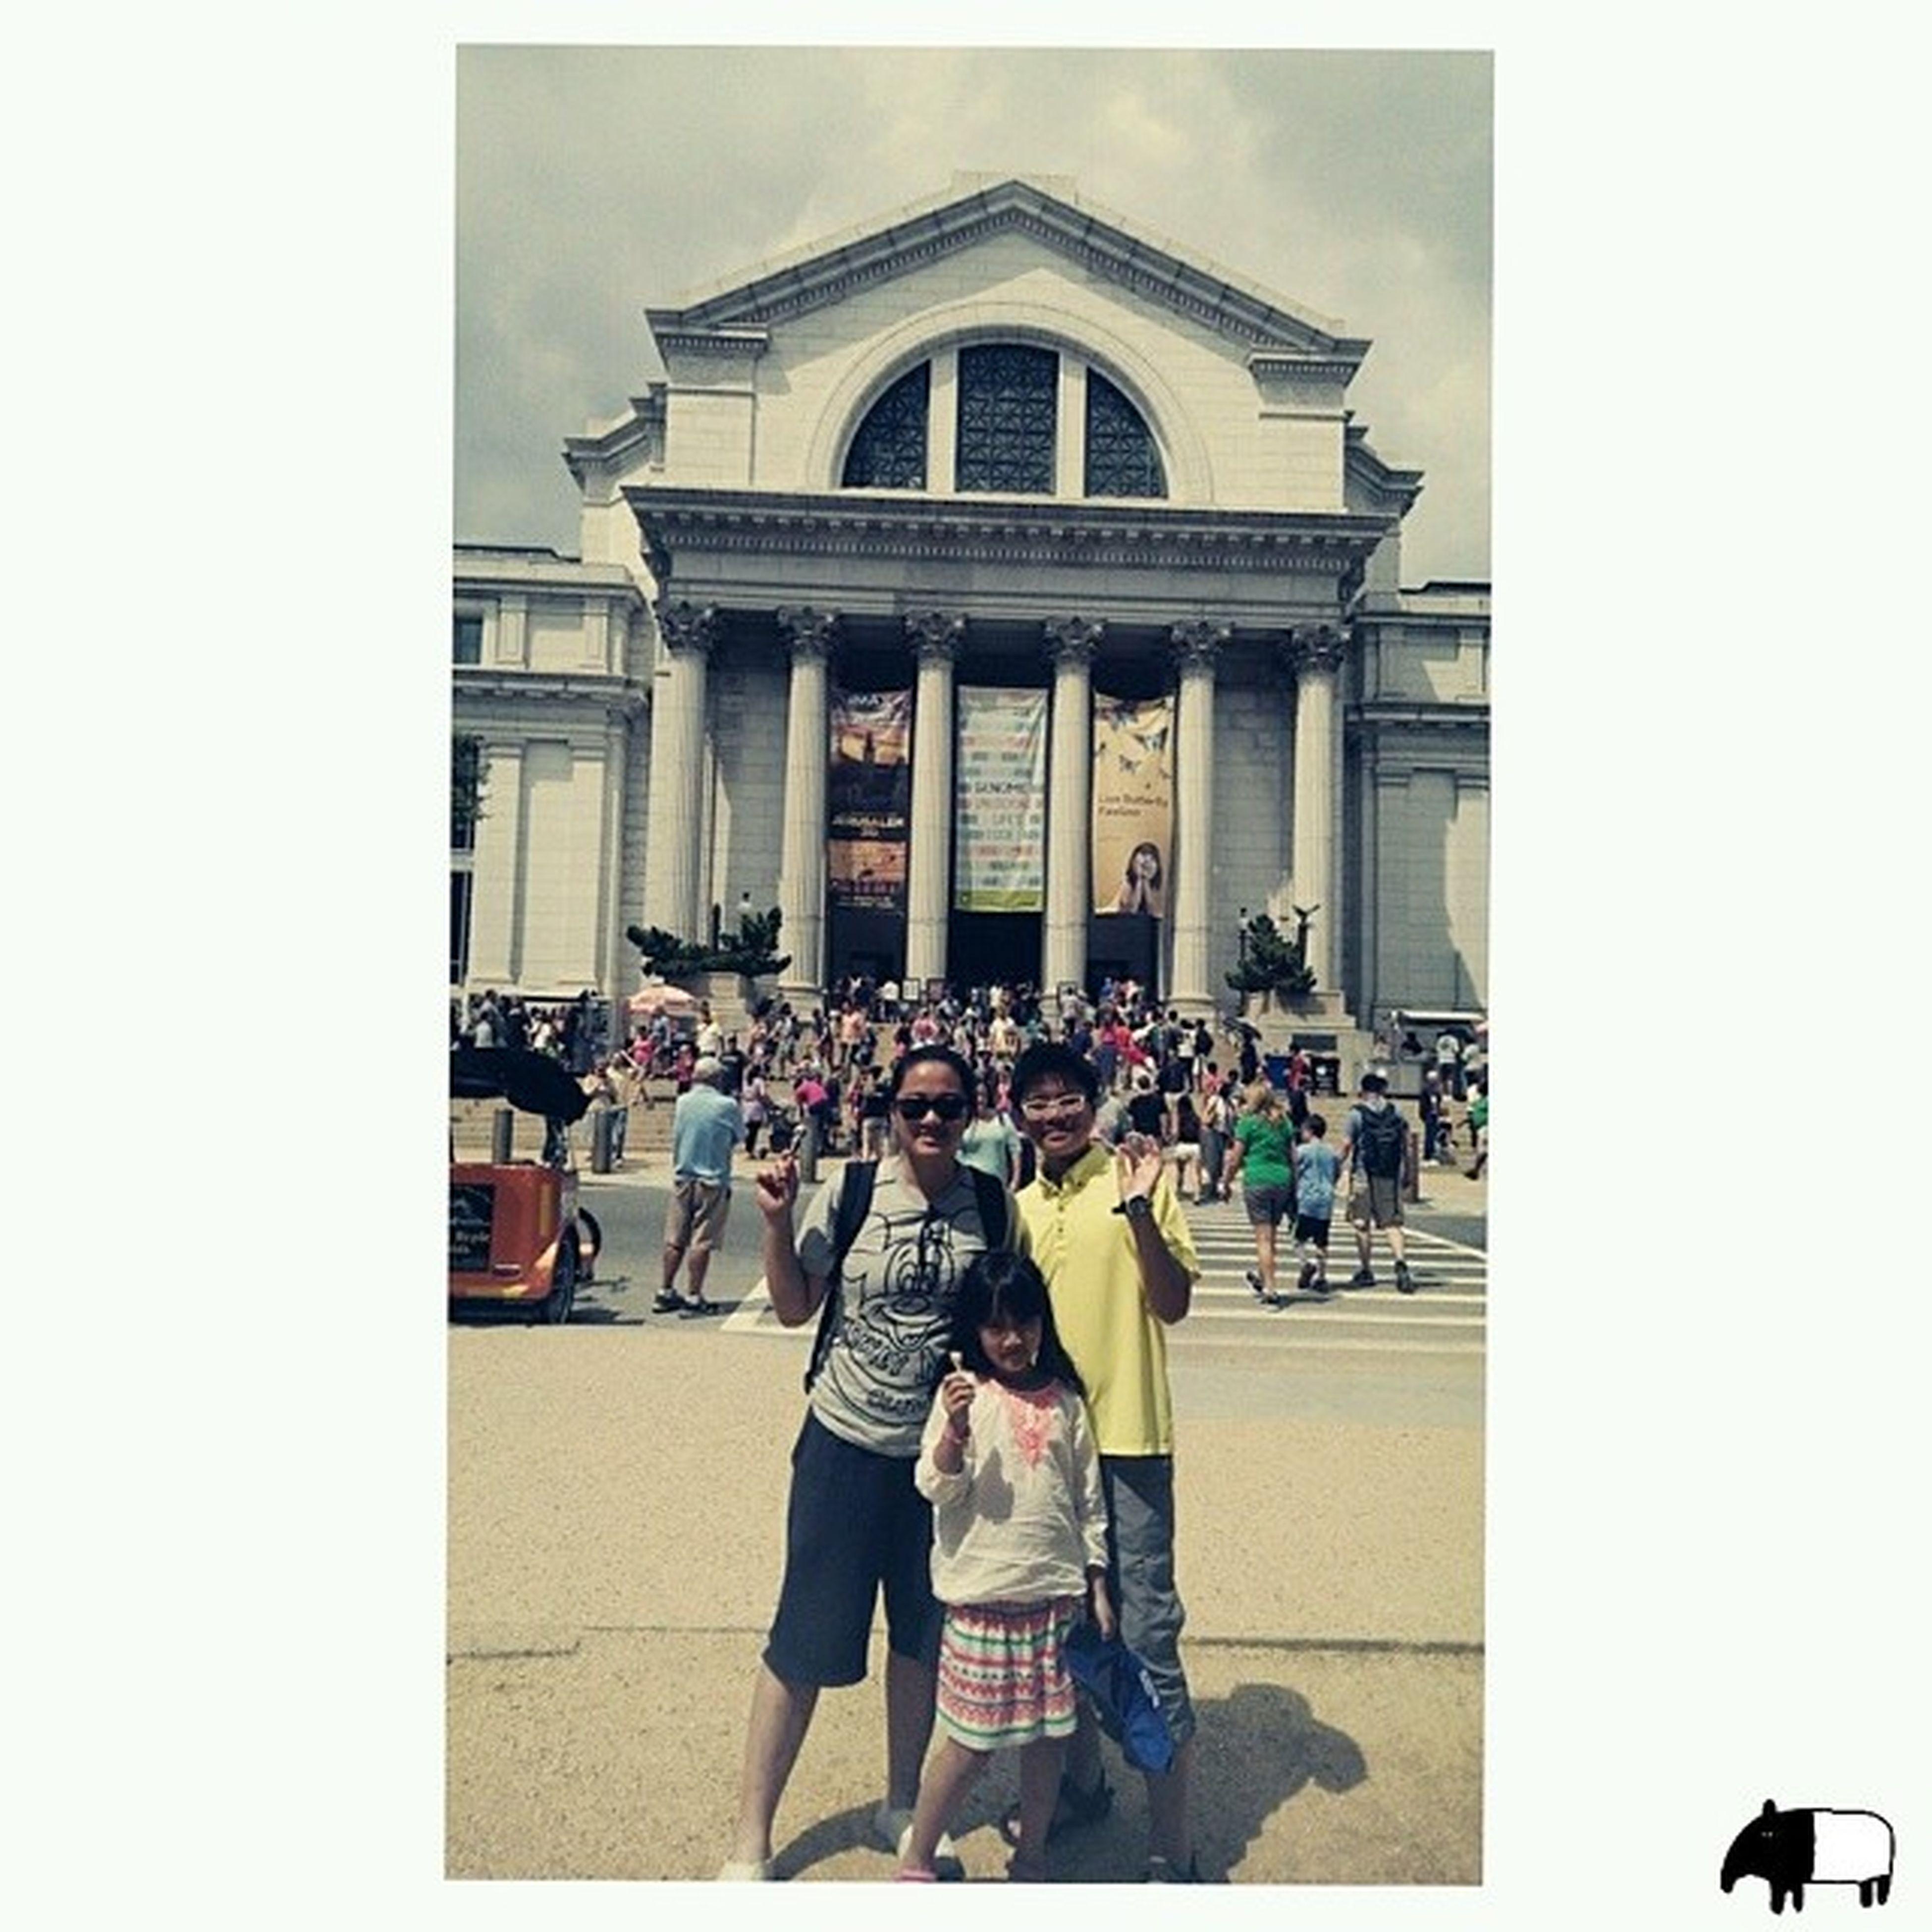 美國20140802 day.1 Washington DC 這裡的博物館都是免費 因為有個類似郭董的富豪 免費捐贈供大家免費參觀 美術館航空館雕塑館自然動物館... 還看到方尖碑,國會,林肯博物館 街道建築好漂亮 到處都是露天公車 小鳥松鼠都不怎麼怕人 只要看到水攤,就能看到小鳥在玩水 明明是大城市,美麗風景好多 I love it.